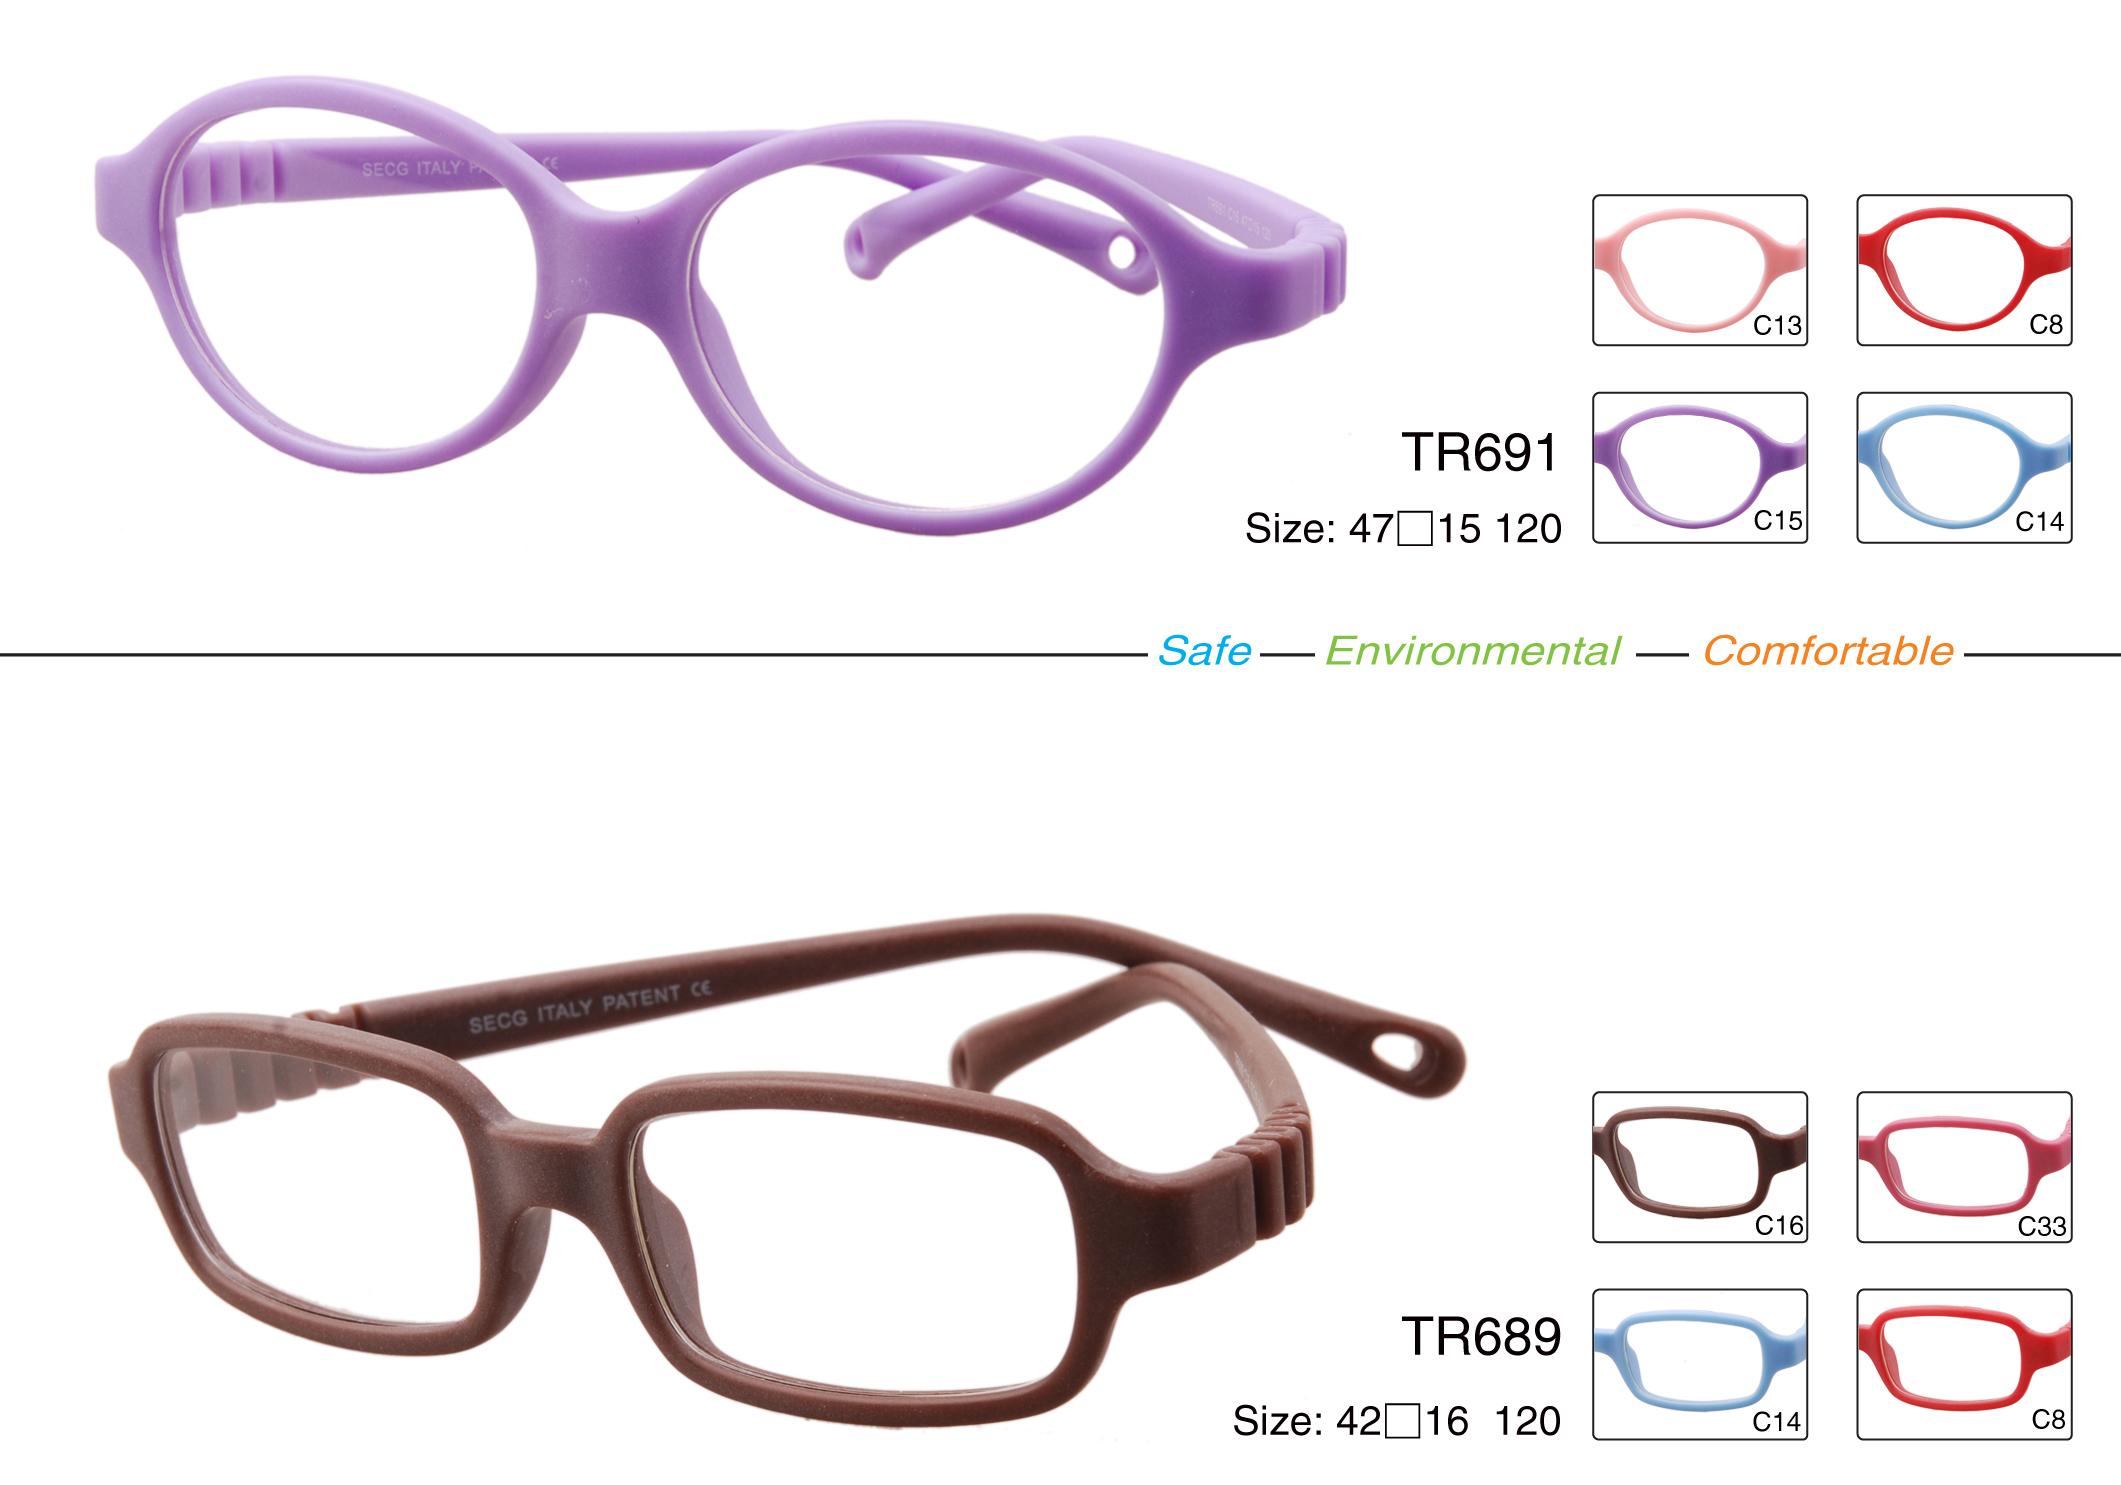 10 tipp, hogy válasszunk megfelelő szemüveget gyermekünknek